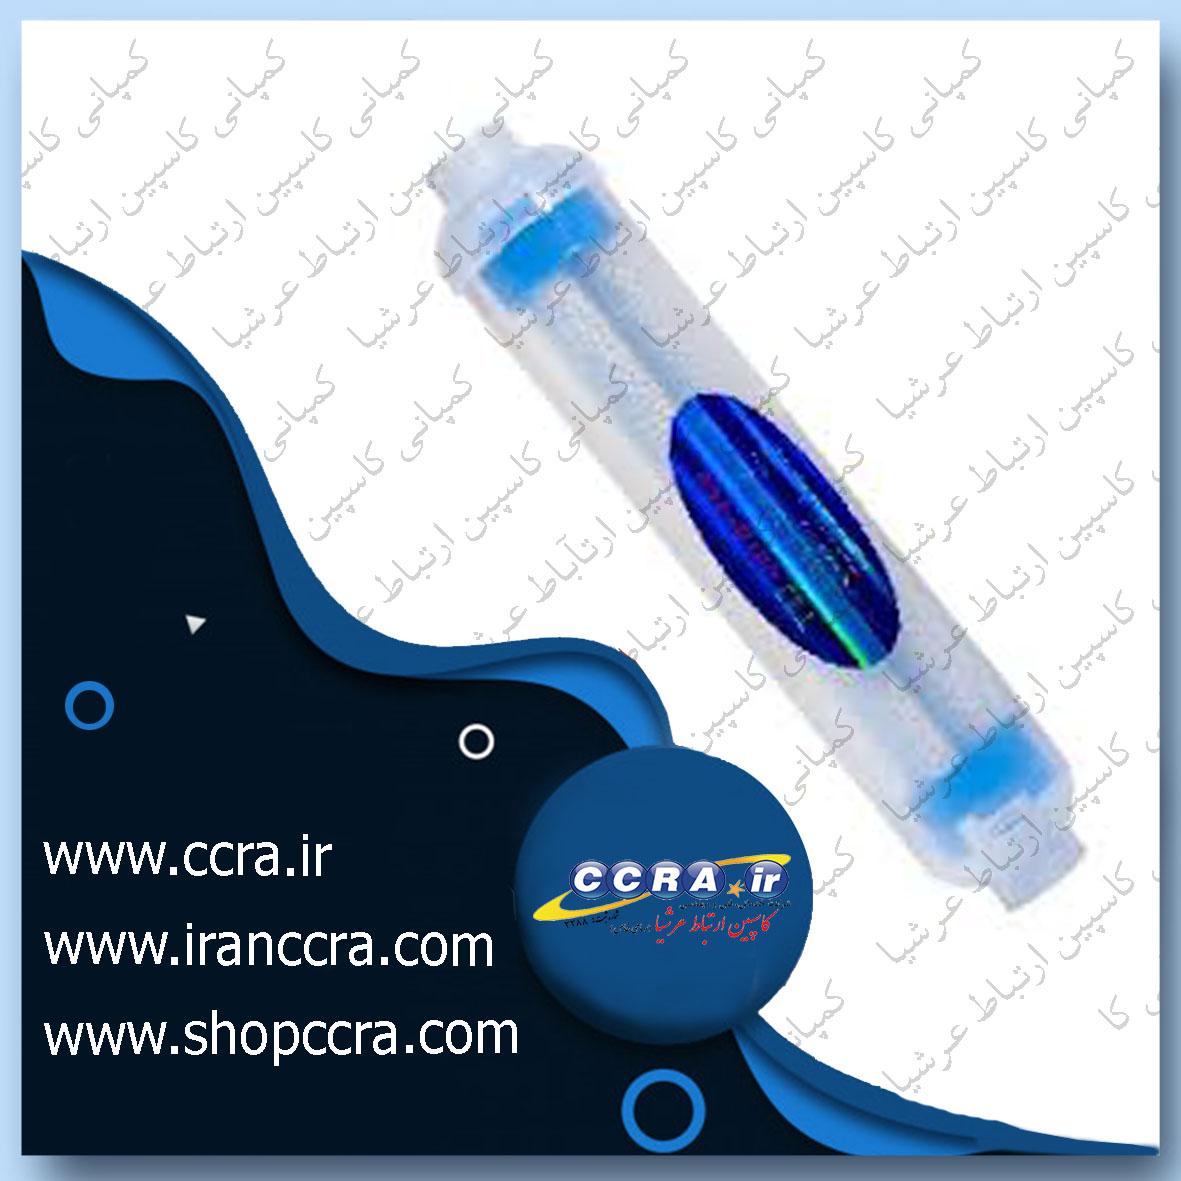 زمان تعویض فیلتر اکسیژن ساز در دستگاه تصفیه آب خانگی آکوا لایف